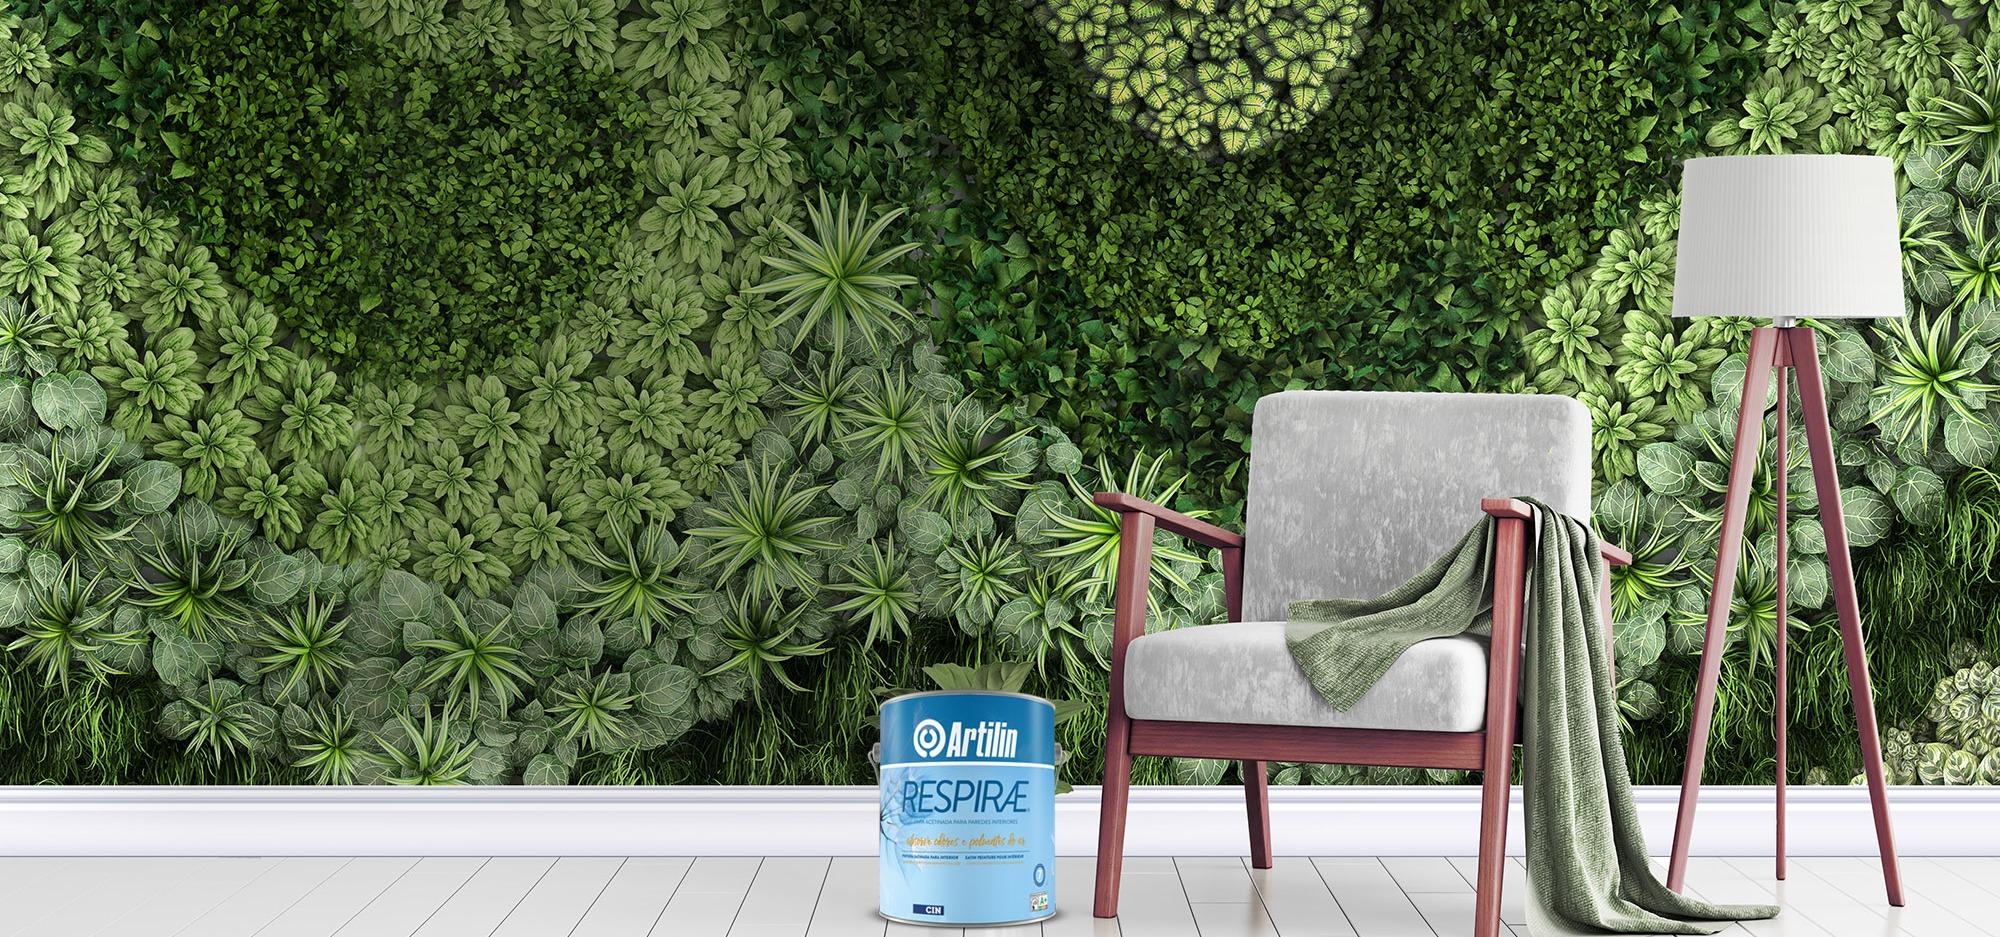 Nova Artilin Respirae purifica o ar e melhora a saúde em espaços interiores